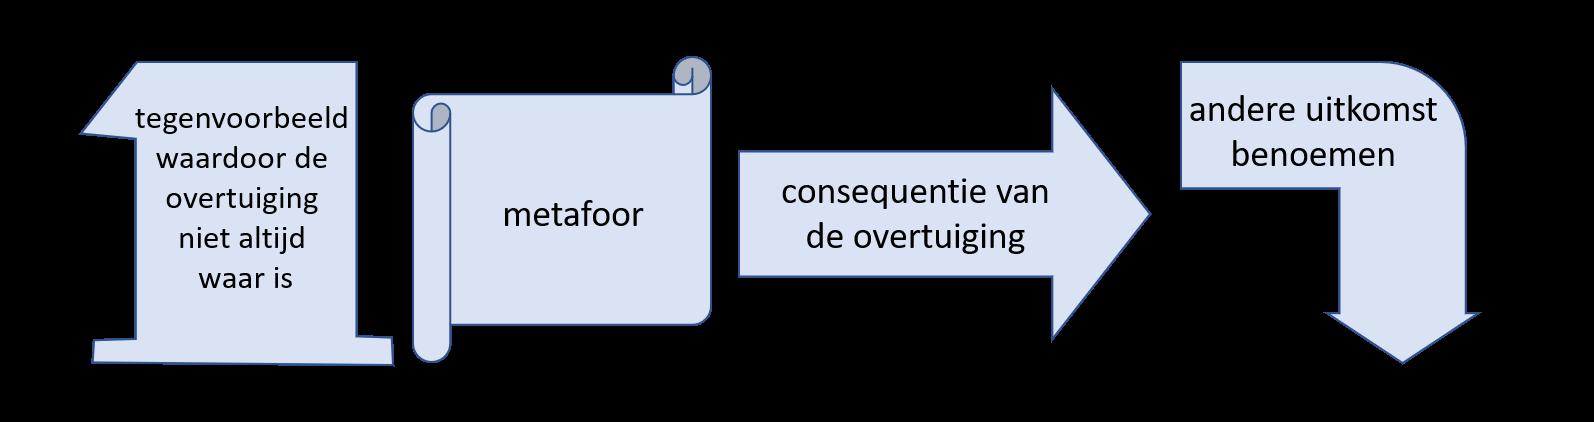 Kies voor de module die past bij een eerste waarnemingspositie